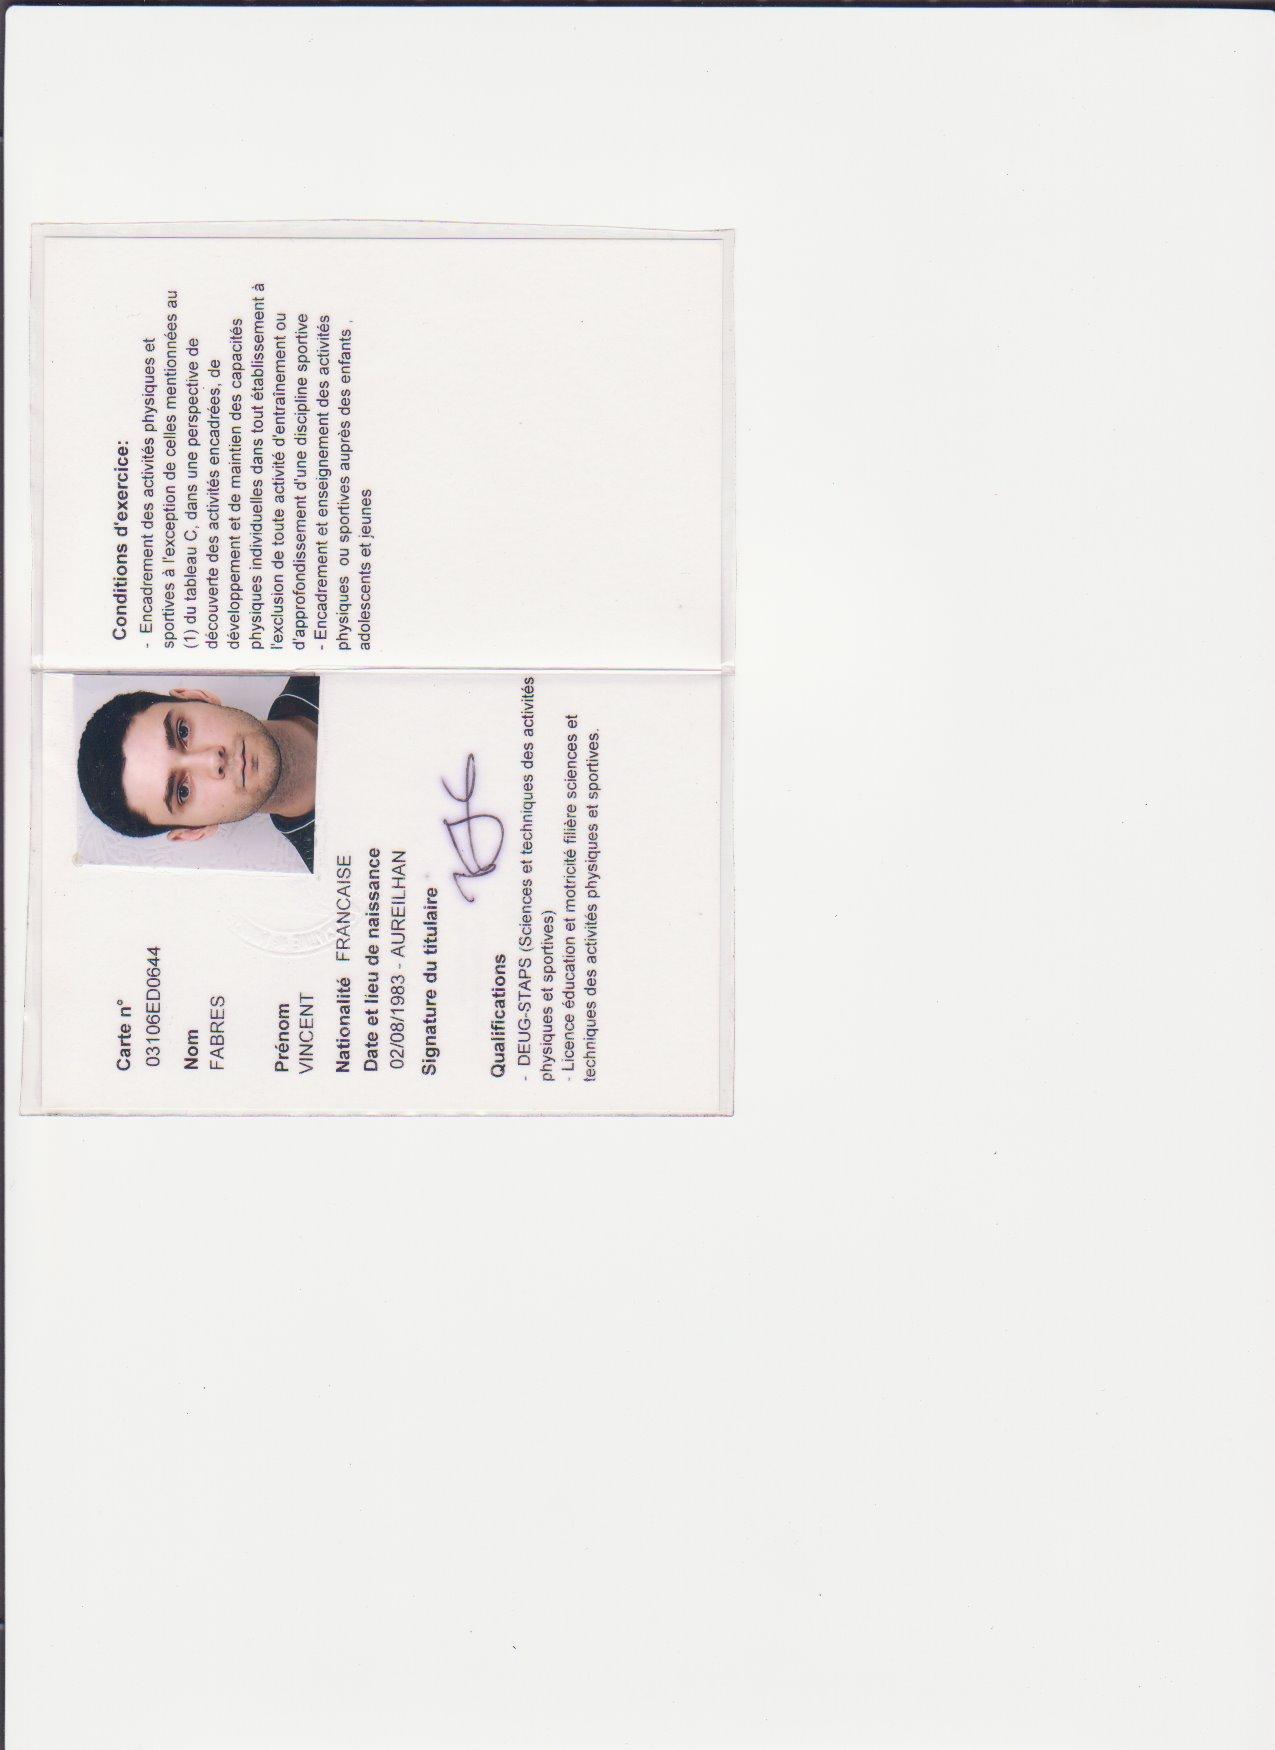 Sebastien simon coach sportif à Villiers sur marne 94350